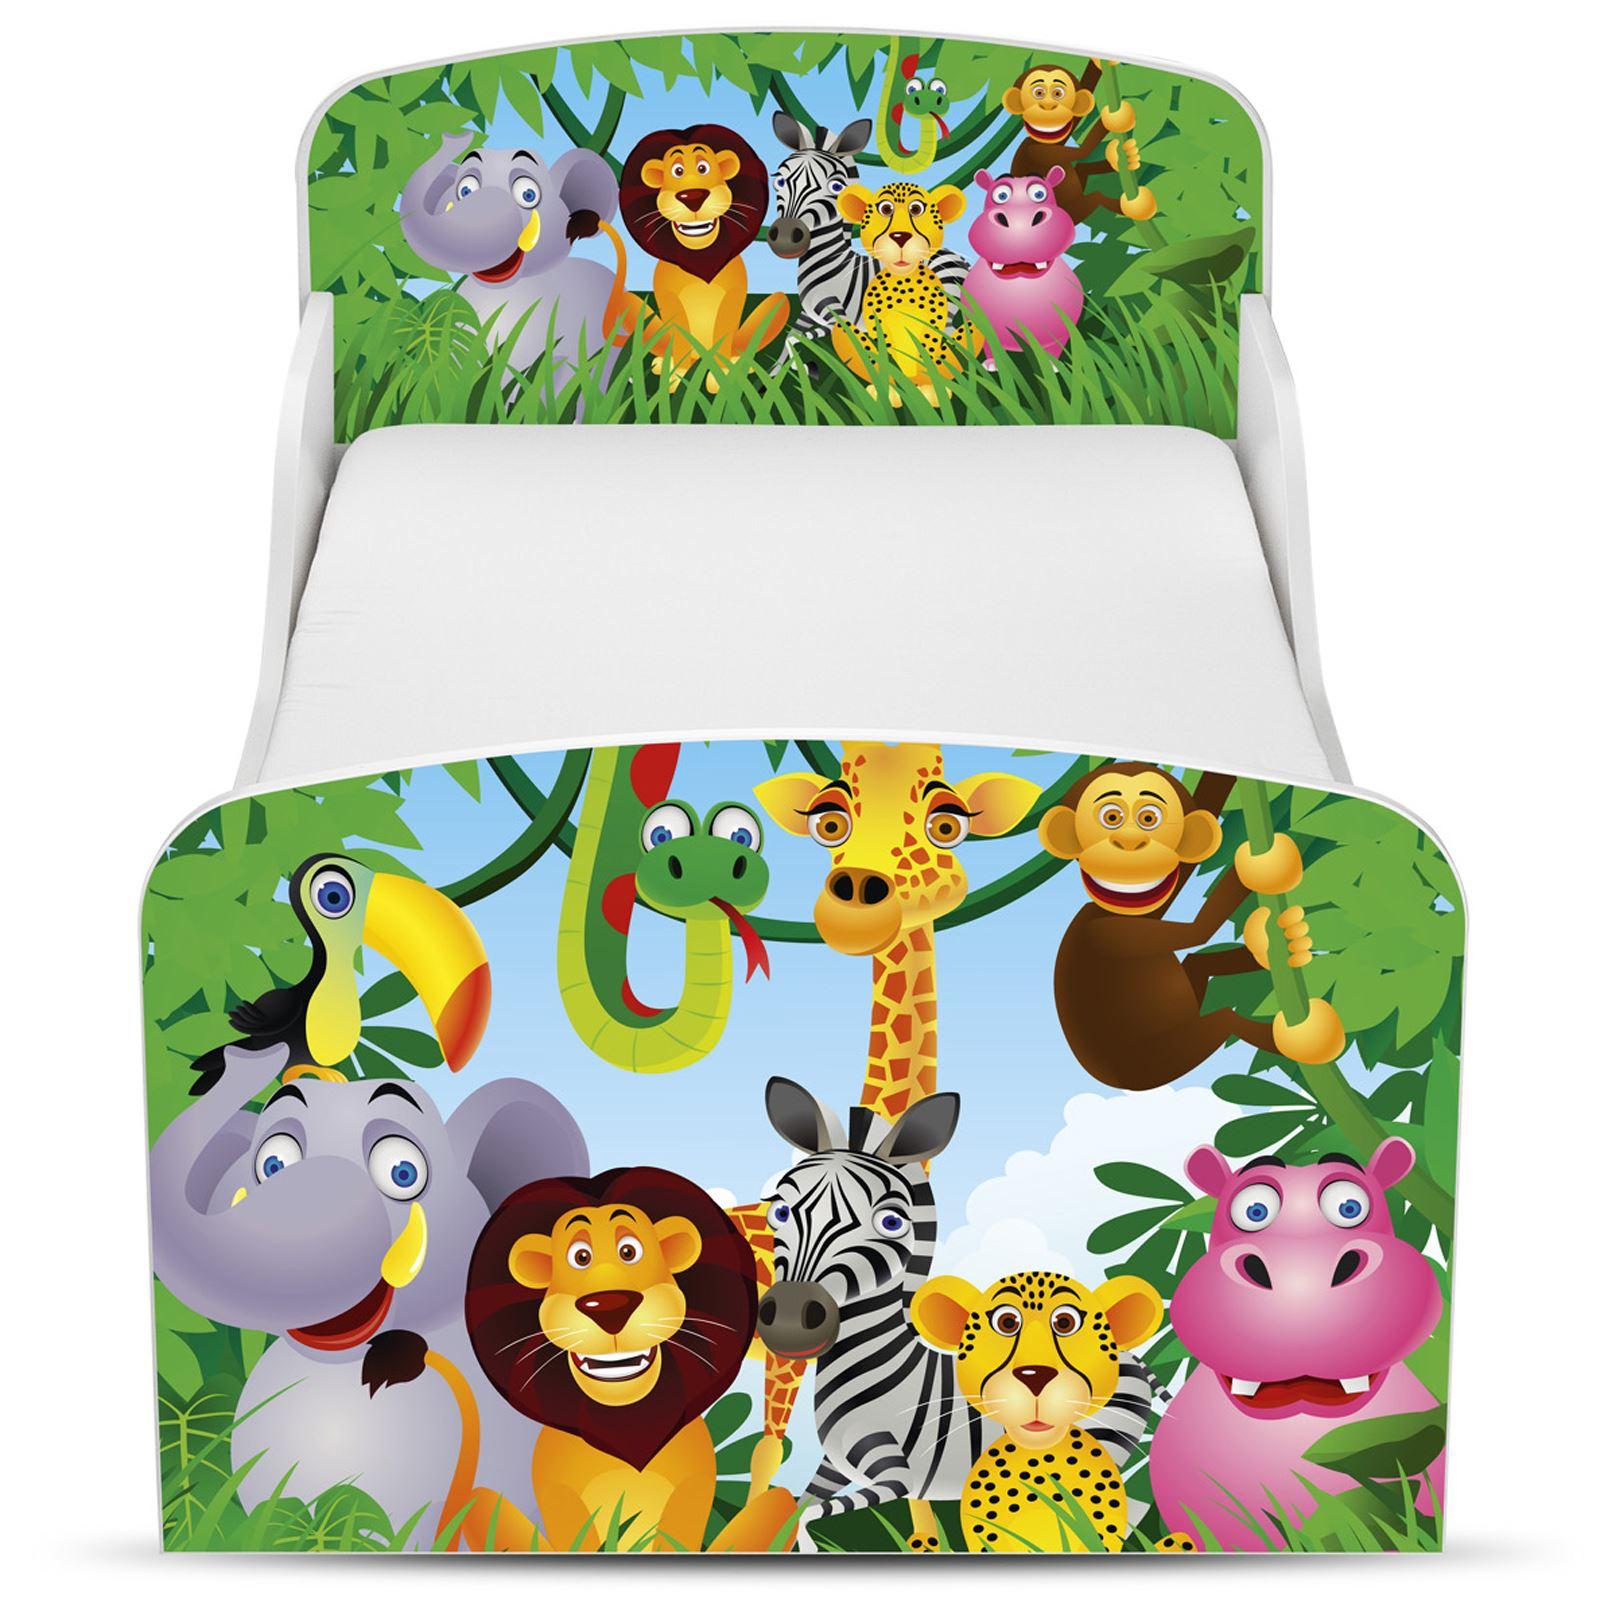 dschungel mdf kleinkind bett mit unterbett aufbewahrung deluxe matratze ebay. Black Bedroom Furniture Sets. Home Design Ideas